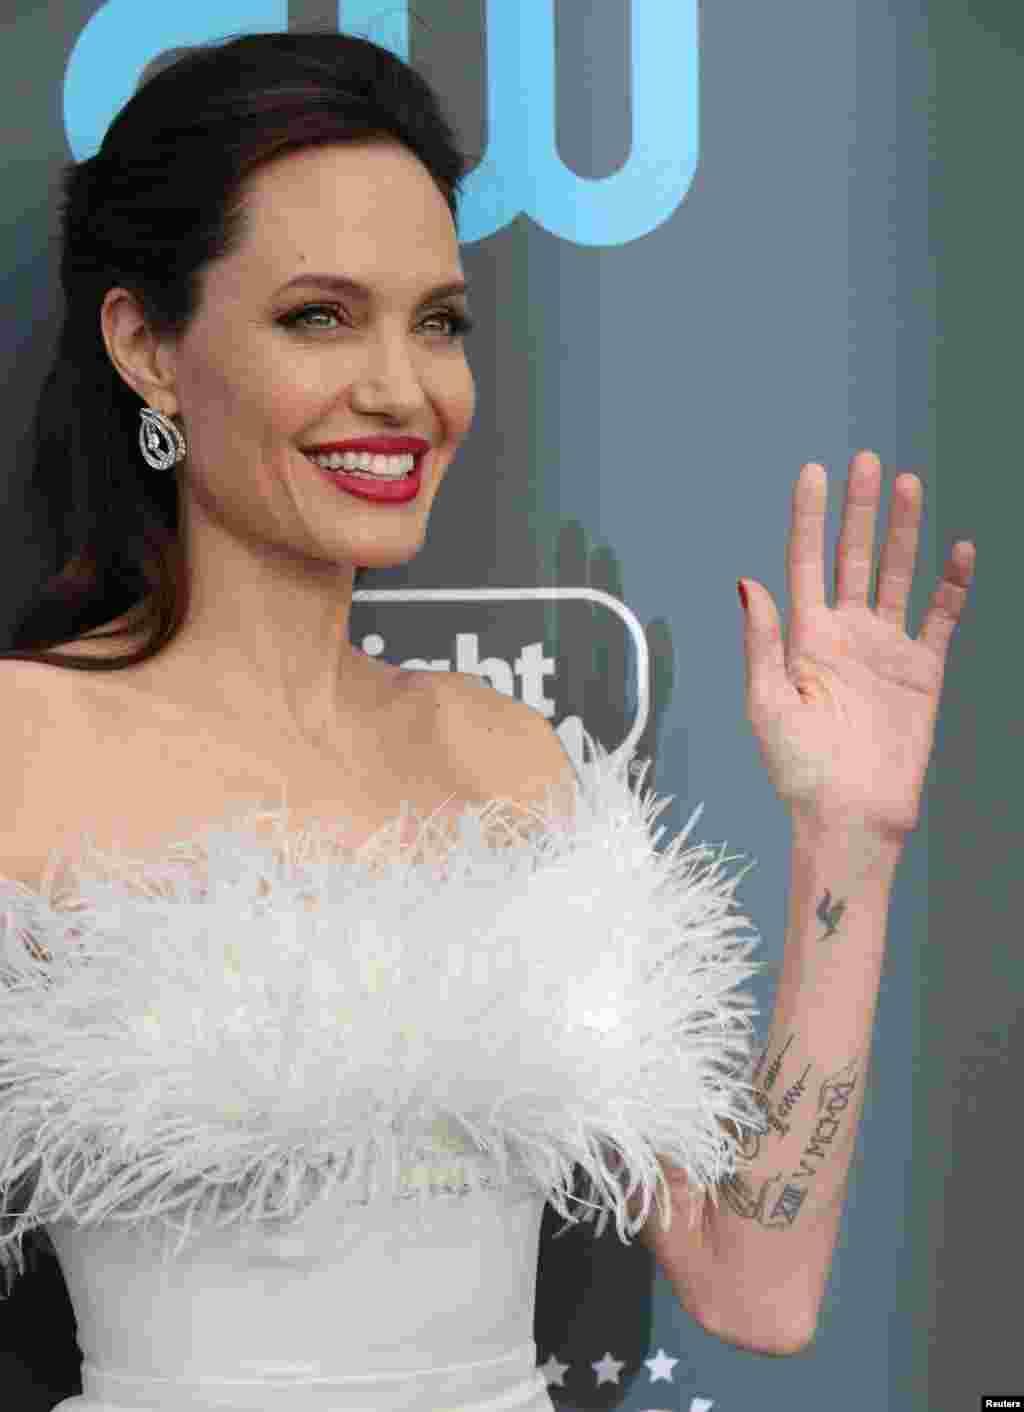 حضور آنجلینا جولی در بیست و سومین دوره جوایز سالانه انتخاب منتقدان در سانتا مانیکا کالیفرنیا